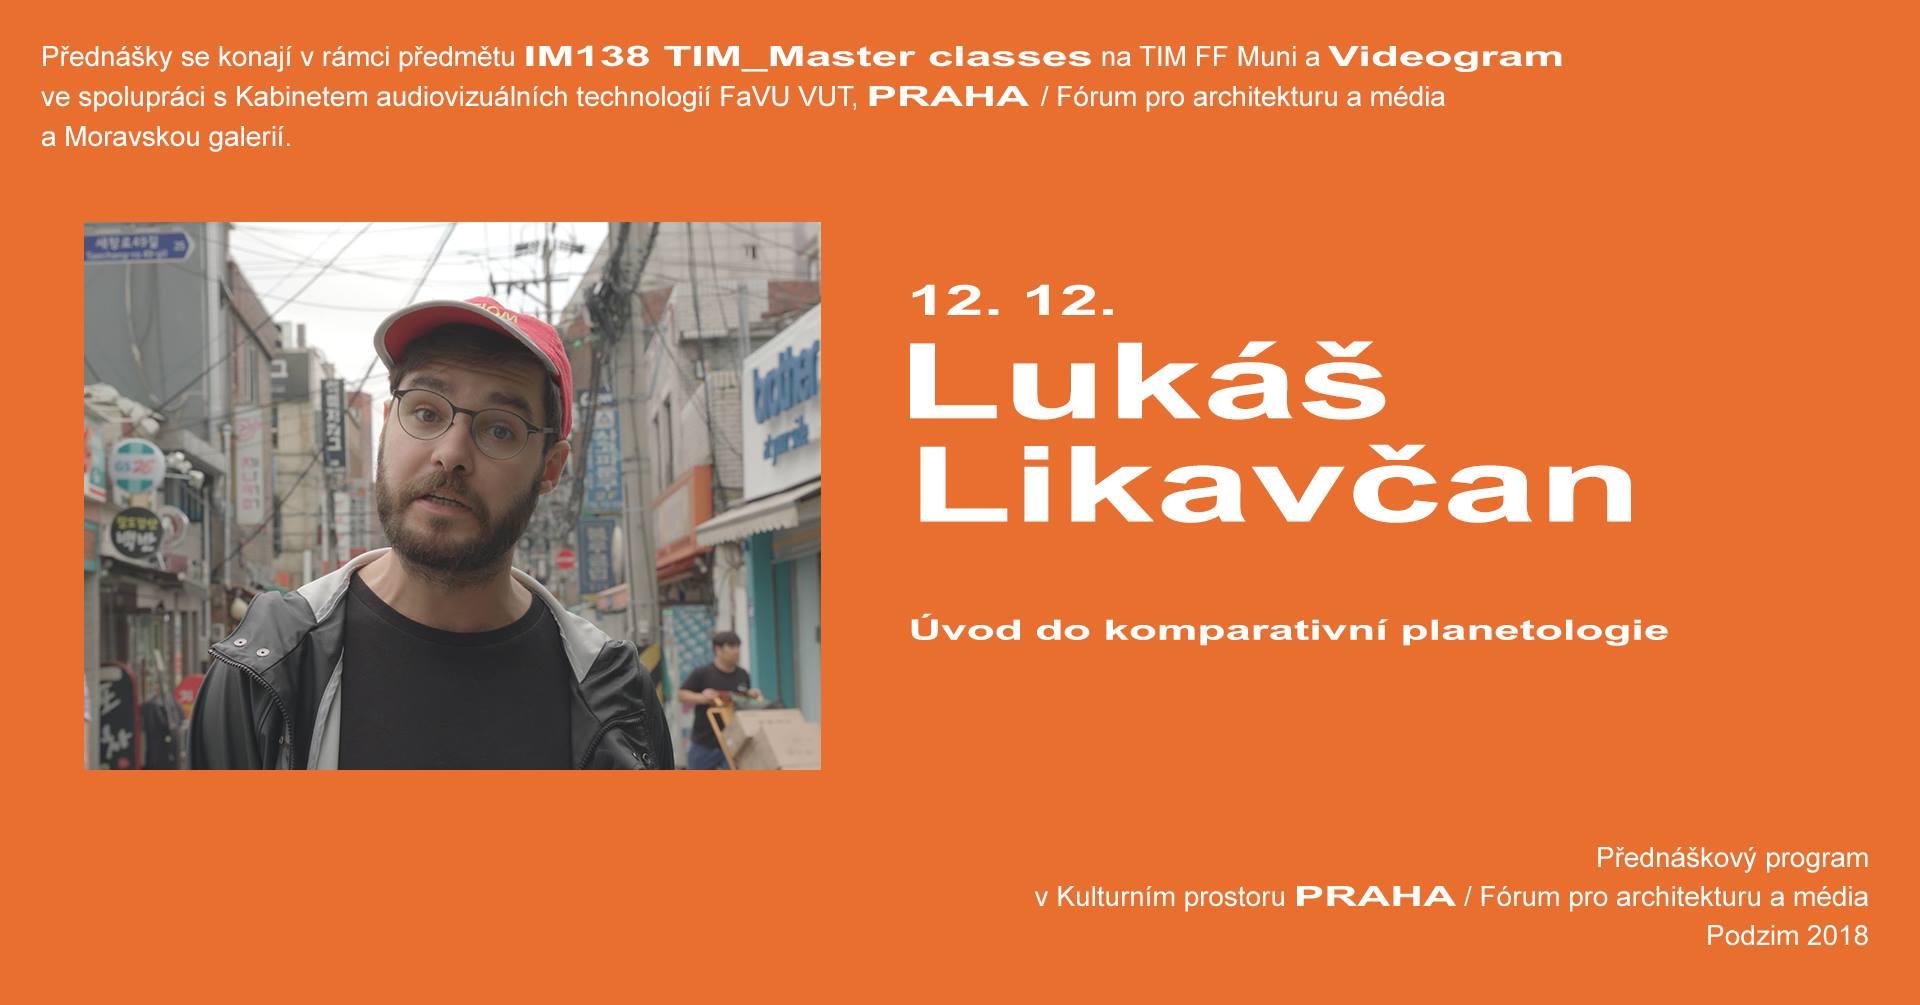 ST / 12.12. / 19.00 / VIDEOGRAM 83 / TIM Master class: Lukáš Likavčan / přednáška, diskuse